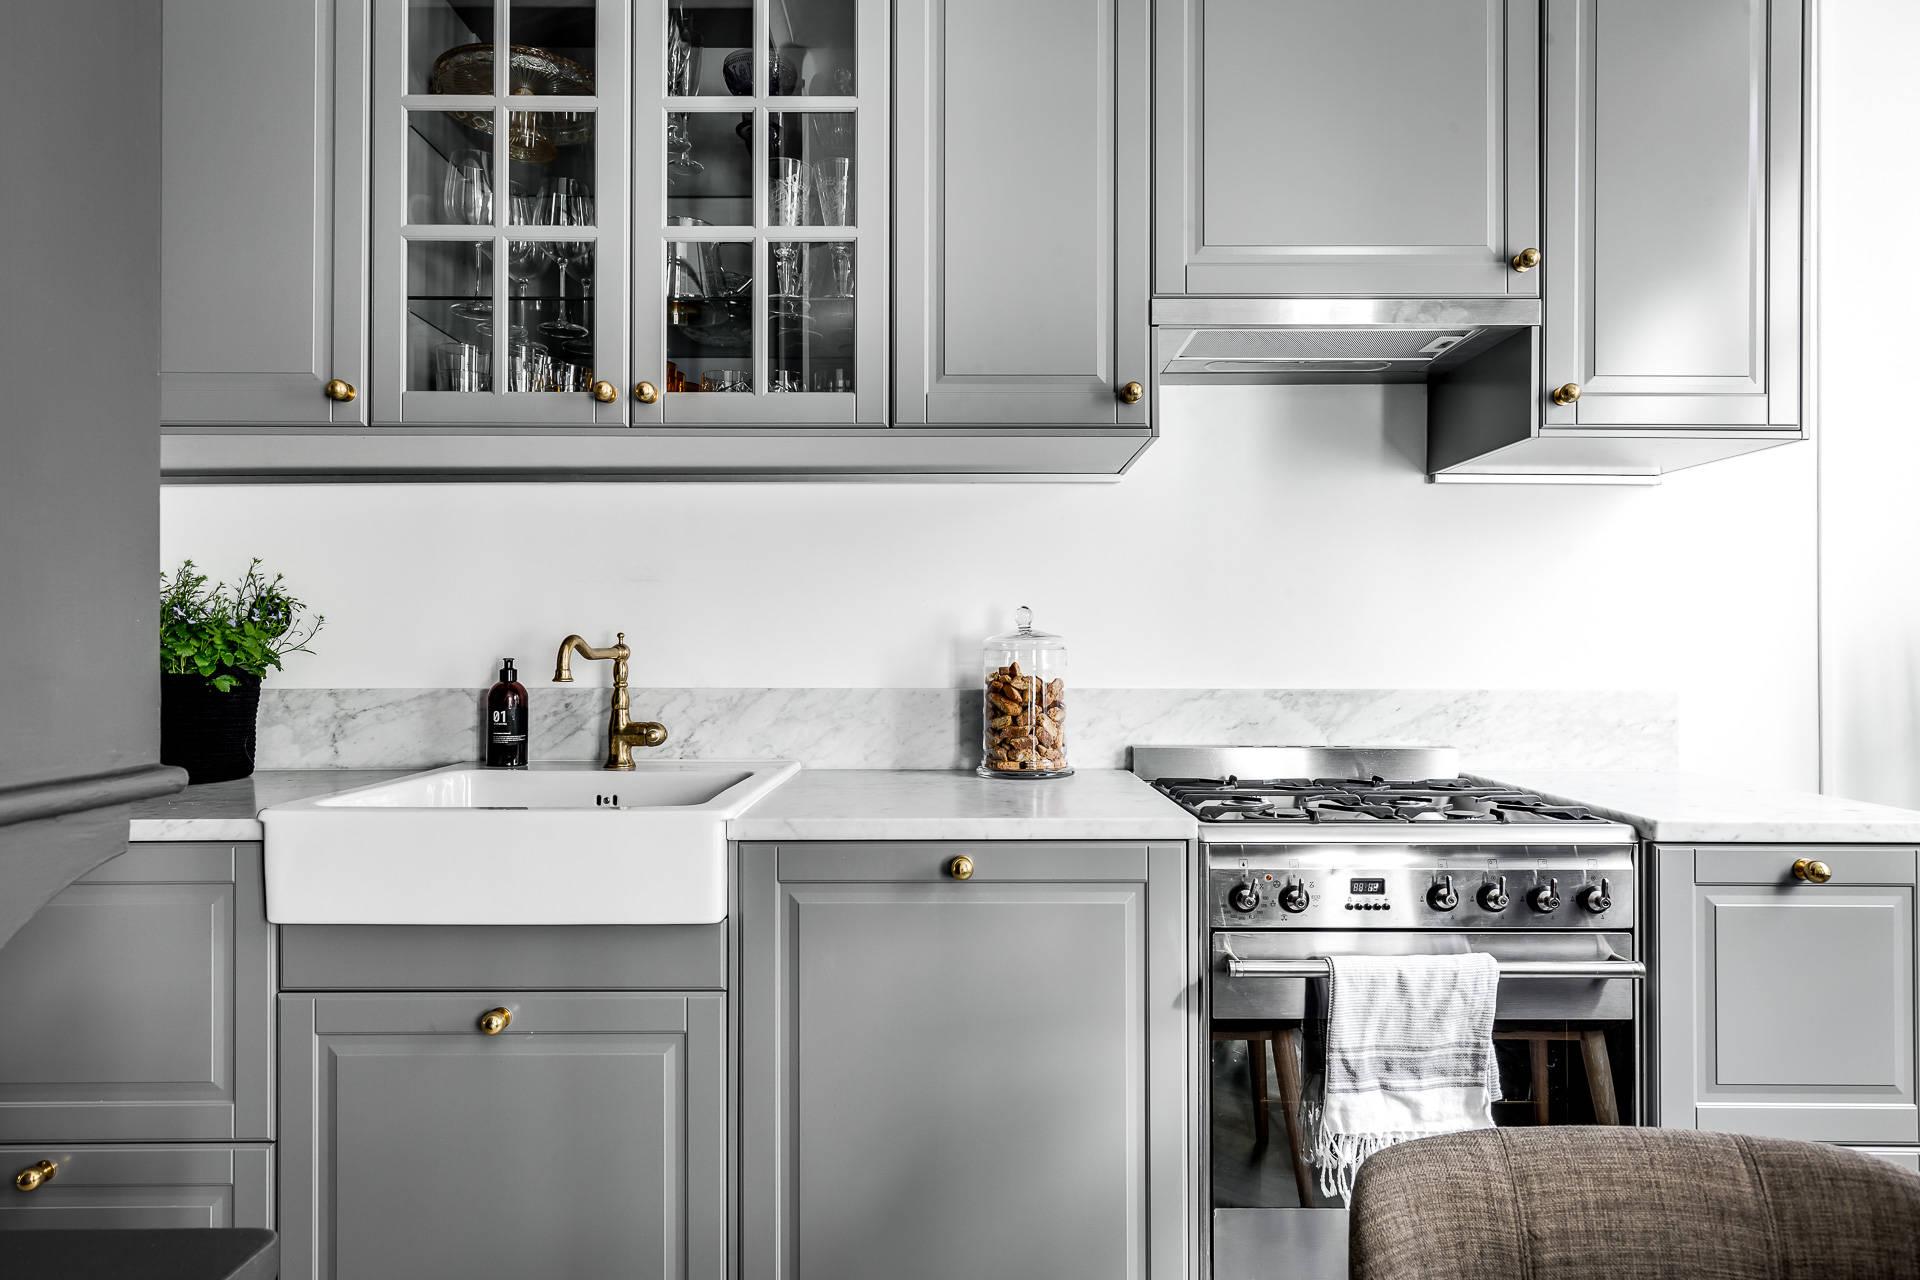 El color gris tendencia en las cocinas n rdicas for Elemento de cocina gris